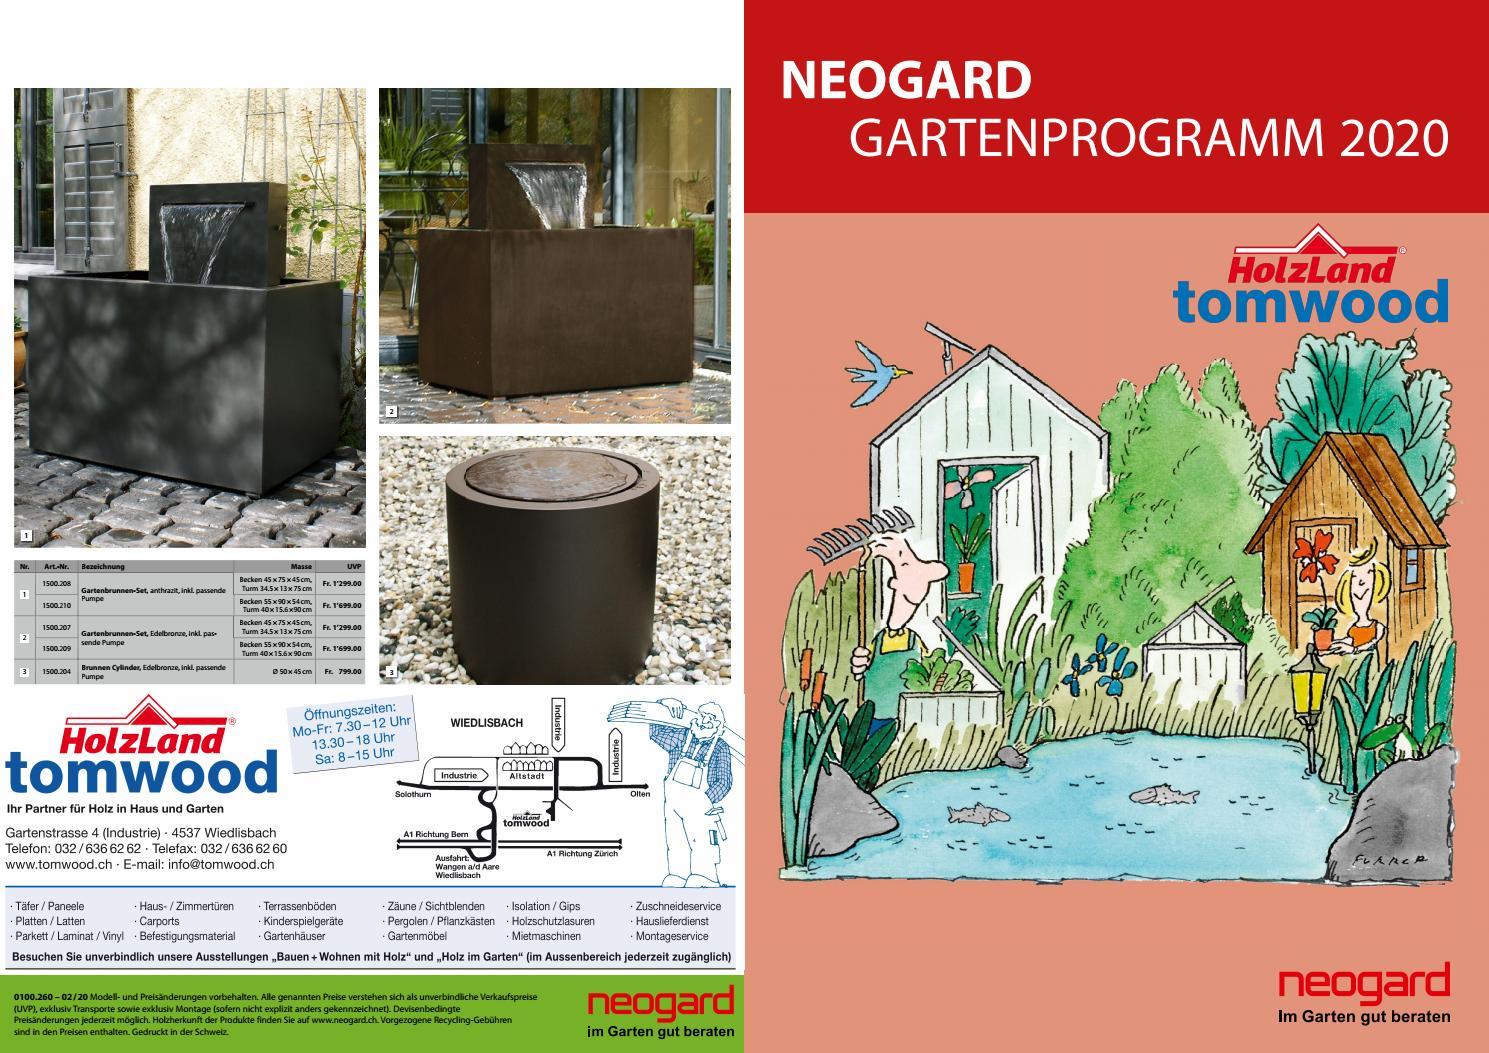 Full Size of Paul Potato Kartoffelturm Erfahrungen Neogard Gartenprogramm Tomwood Ag By Wohnzimmer Paul Potato Kartoffelturm Erfahrungen